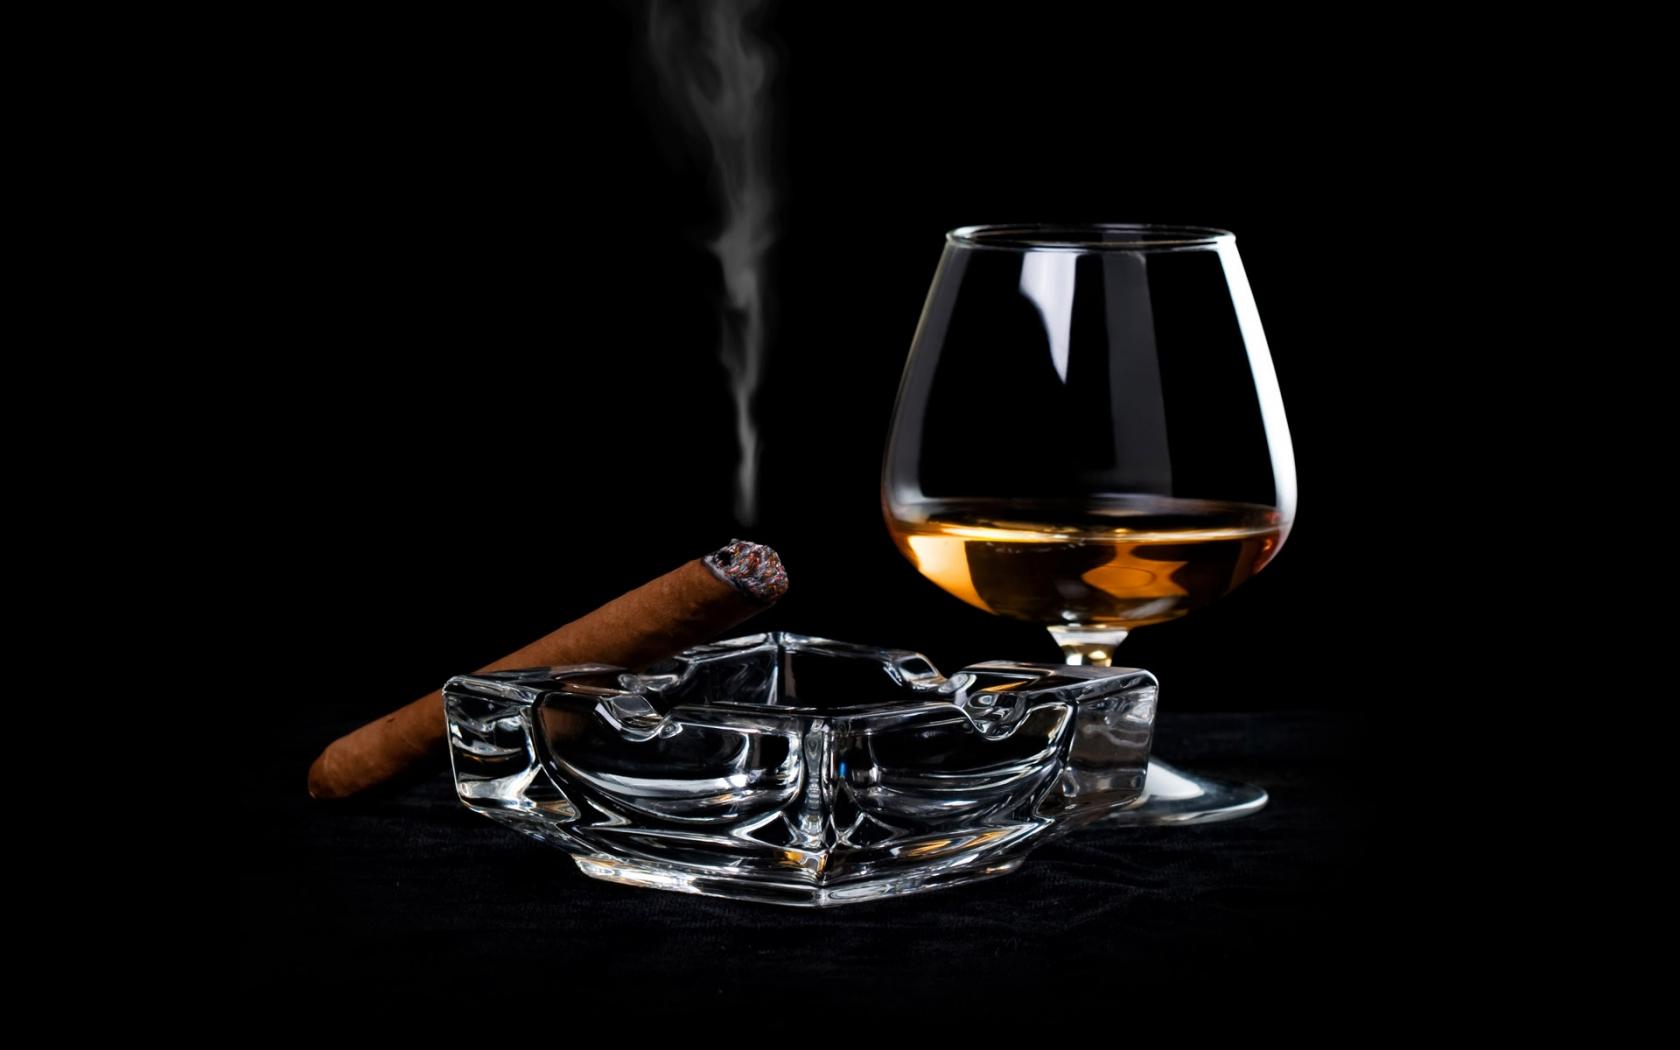 Una copa de Whisky y tabaco - 1680x1050